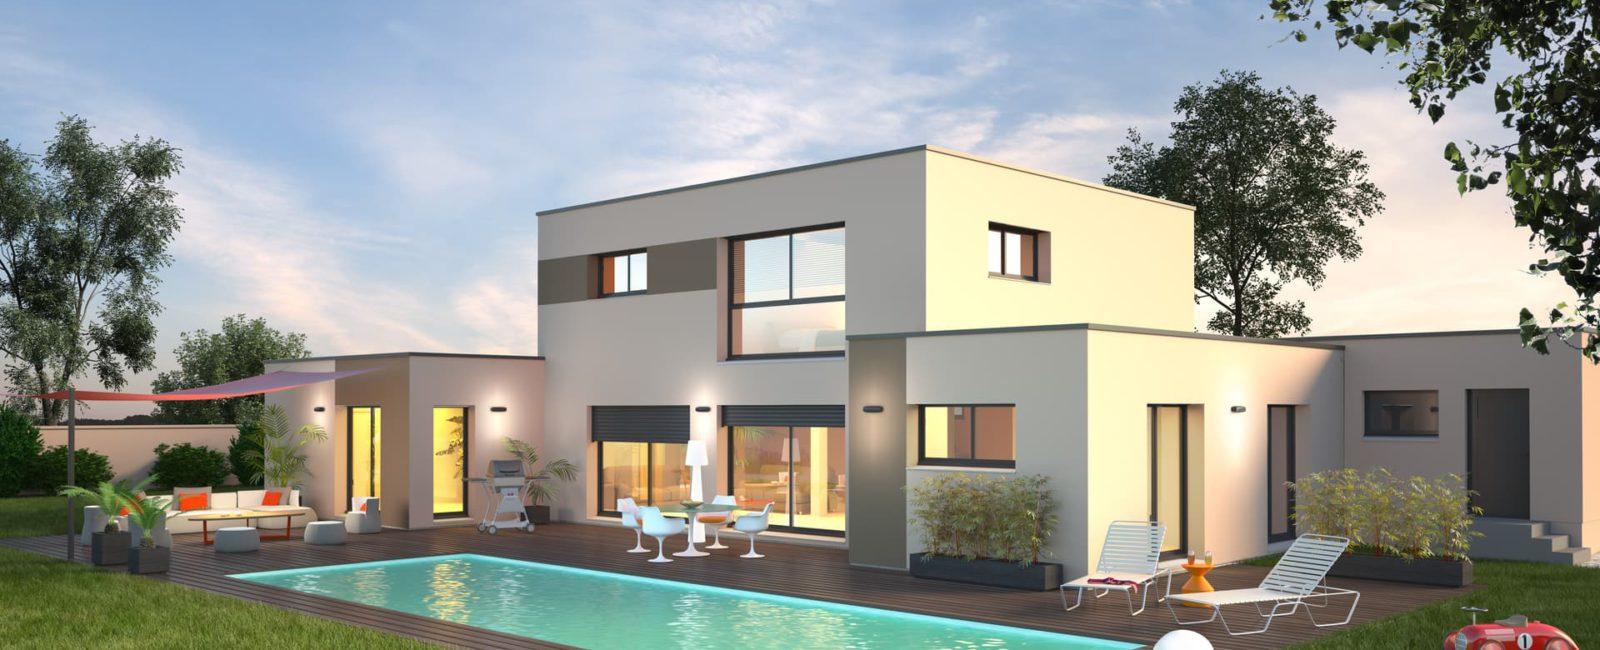 Construction de maison neuve et moderne, Besançon, Doubs, 25